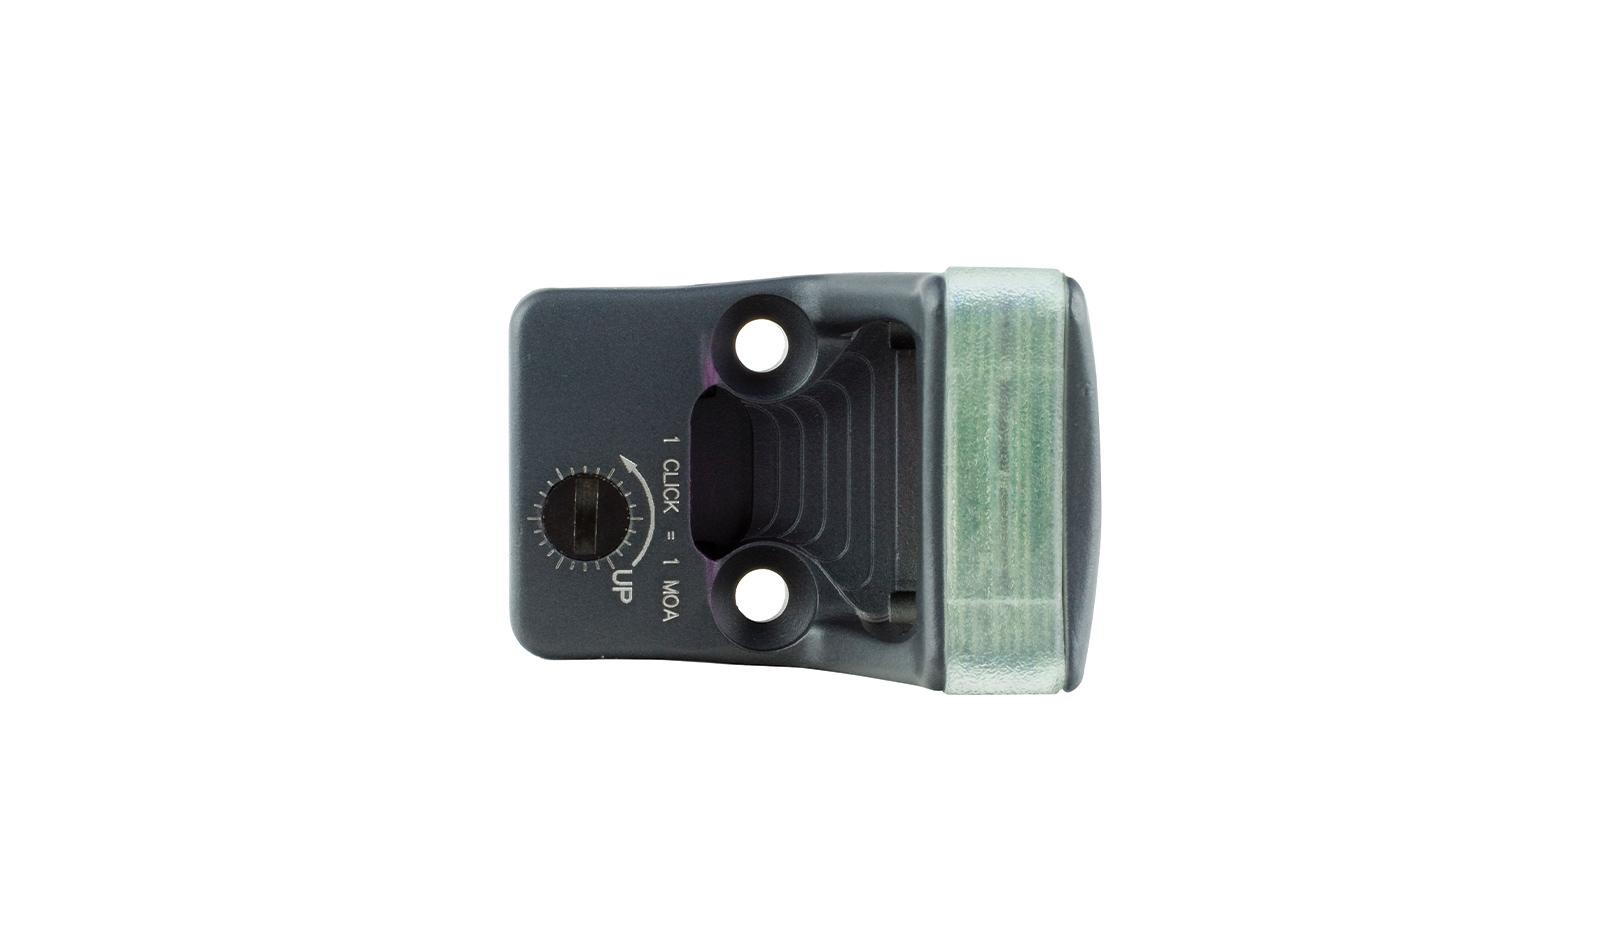 RM05-C-700187 angle 9